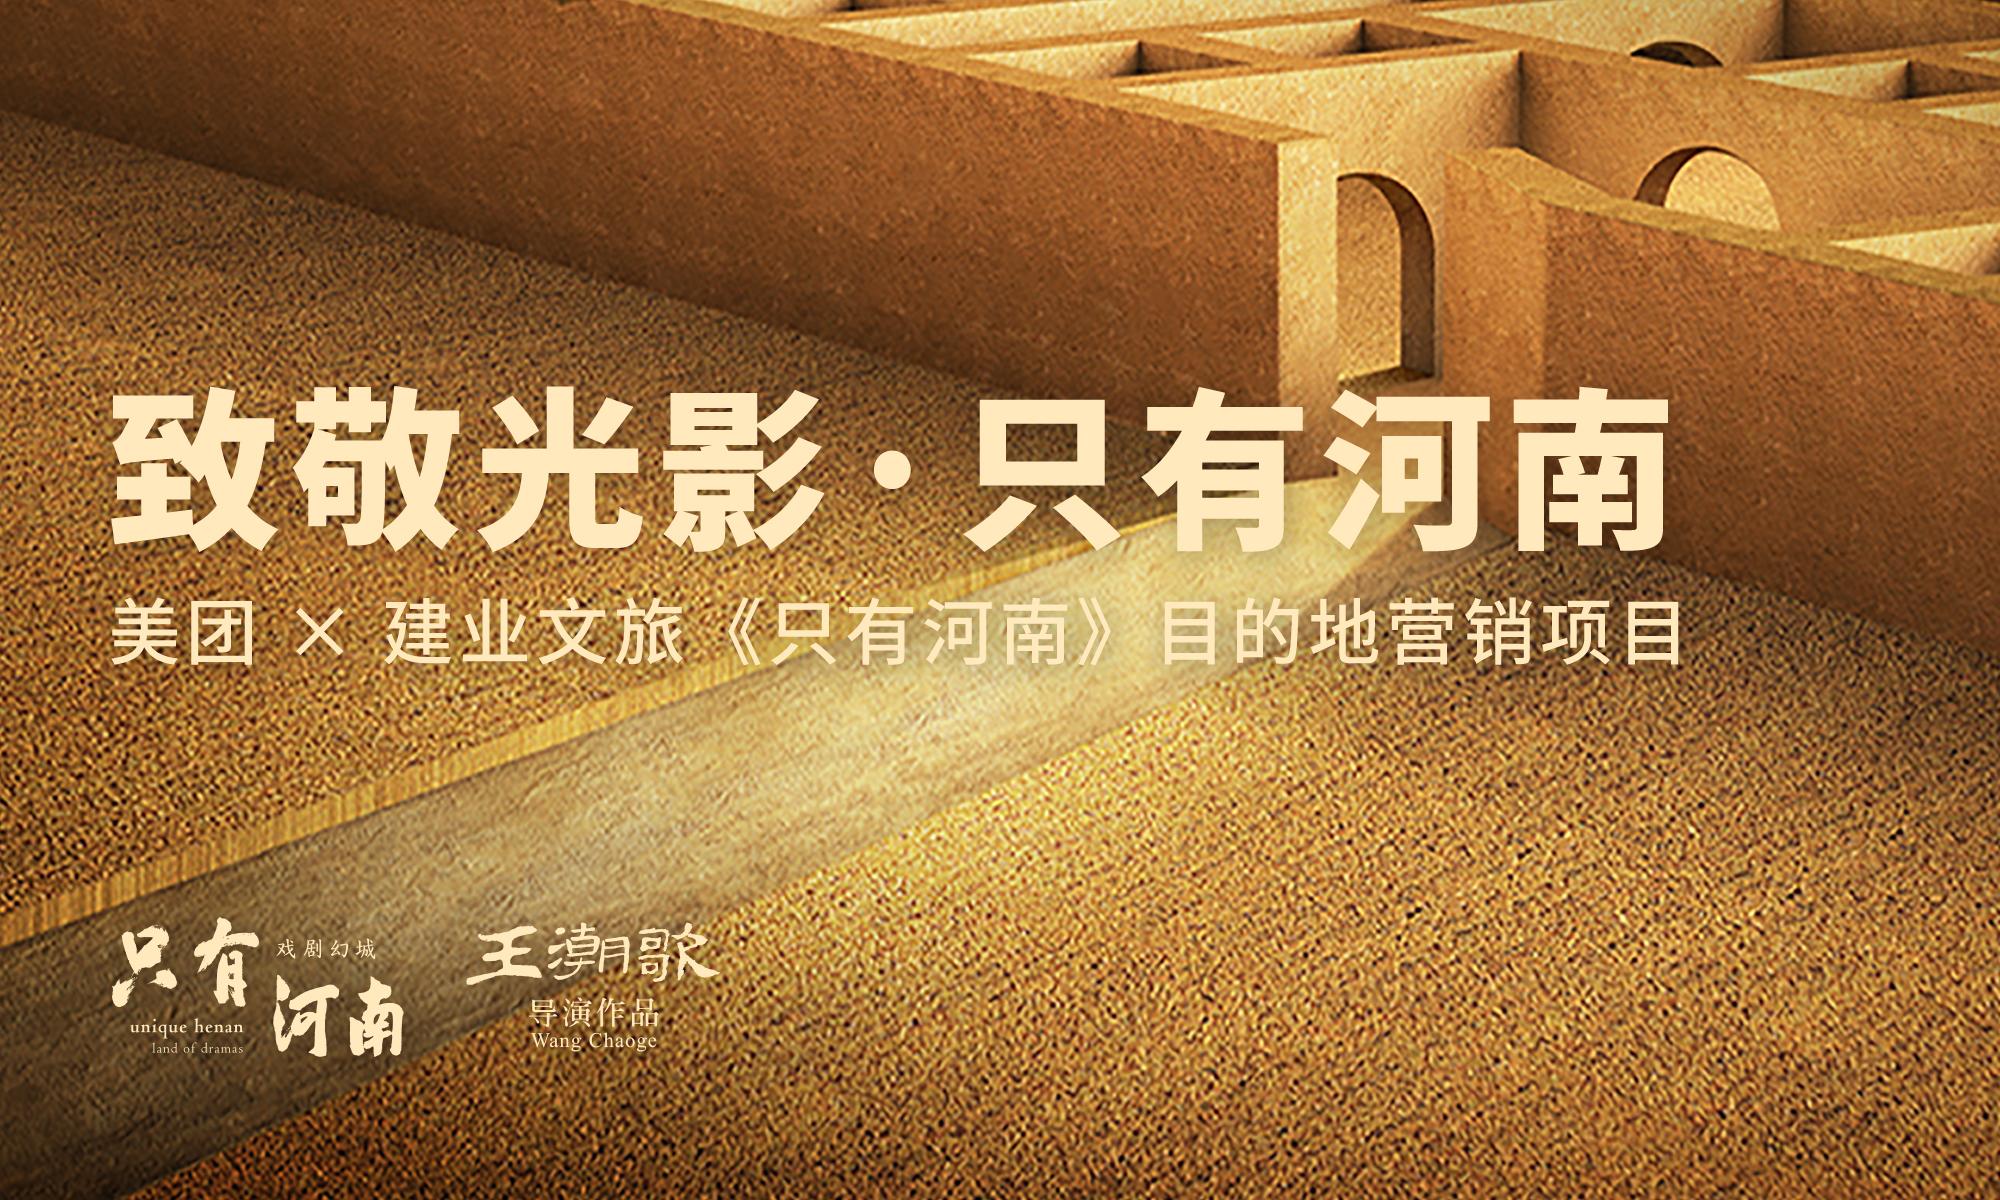 美团 只有河南·戏剧幻城开业营销活动